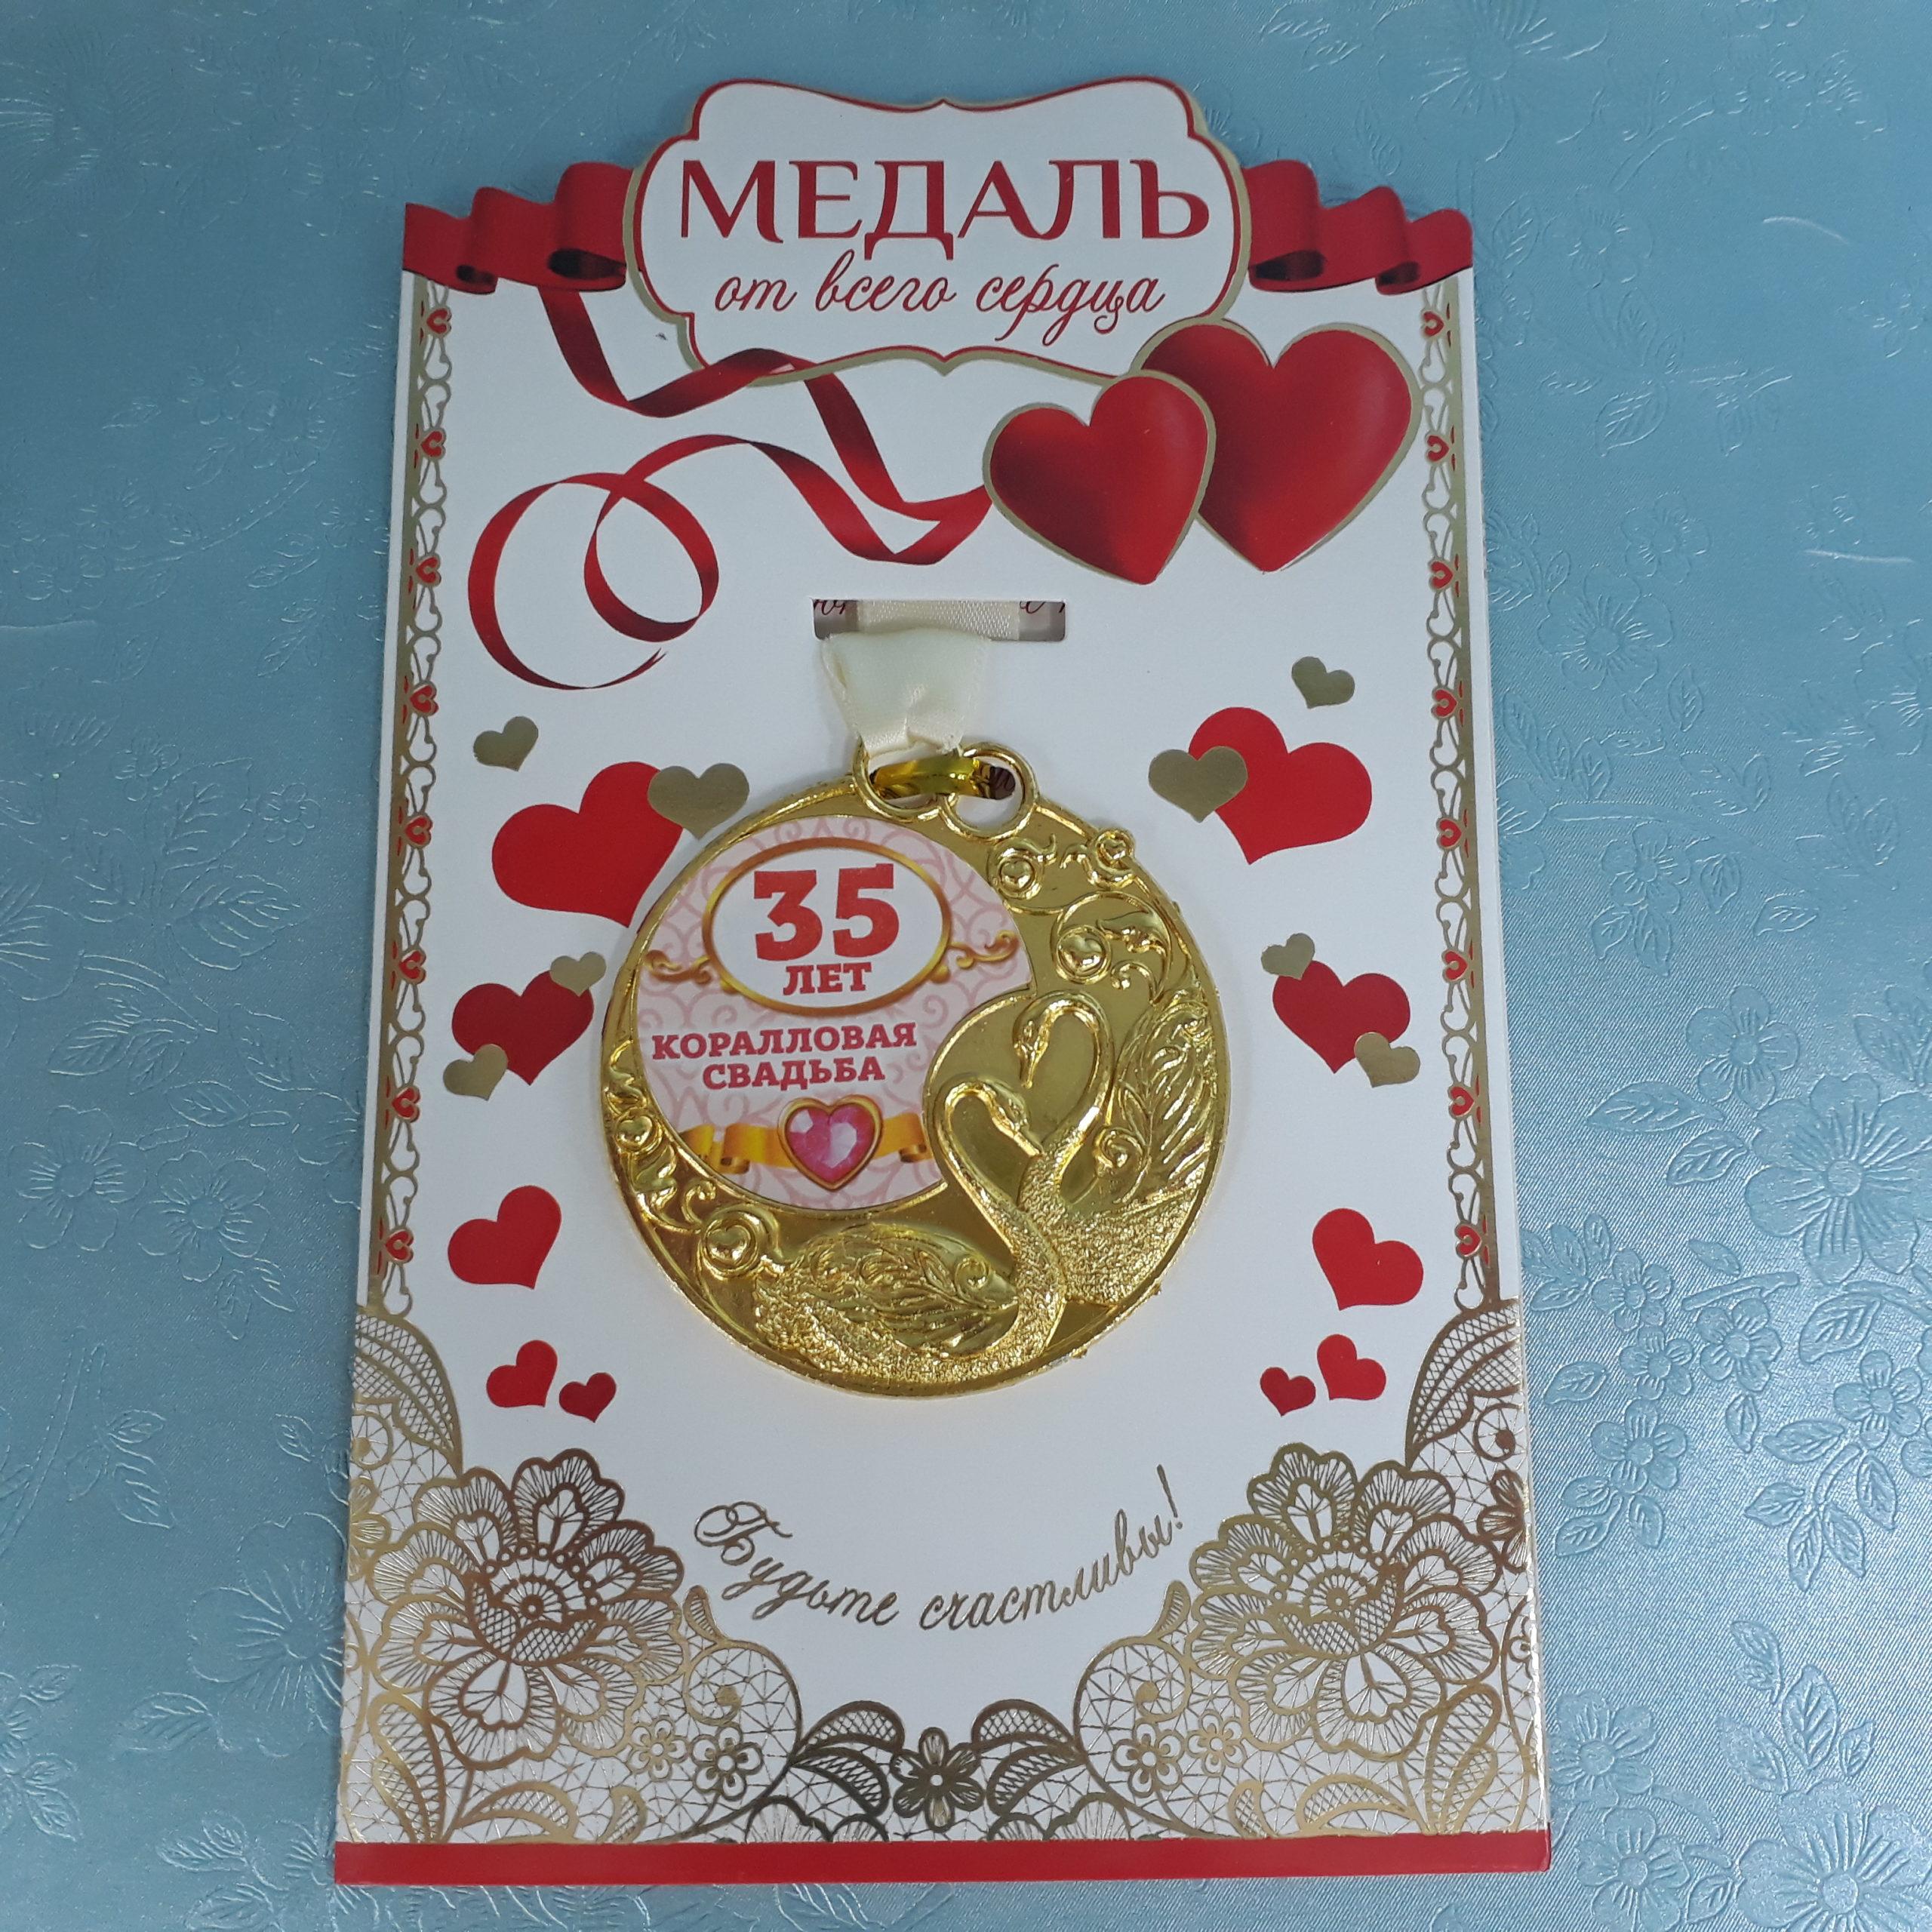 Печать грамот и дипломов для коралловой свадьбы в Москве   фото 6